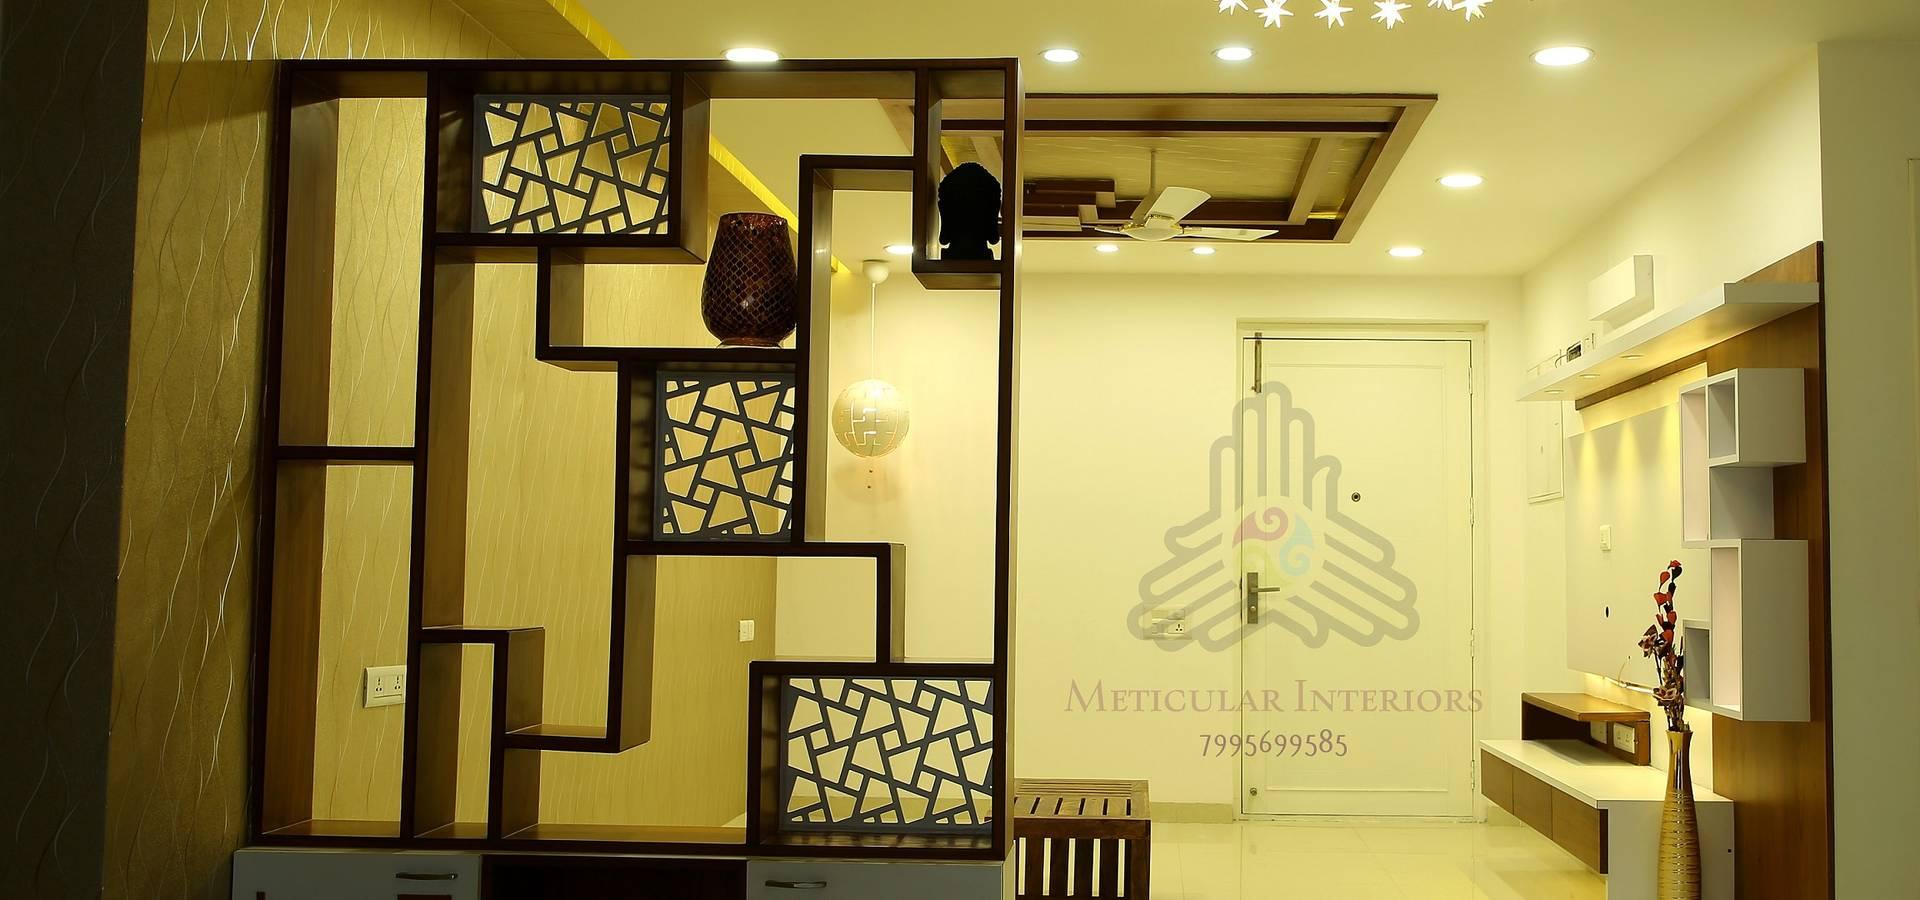 Meticular Interiors LLP